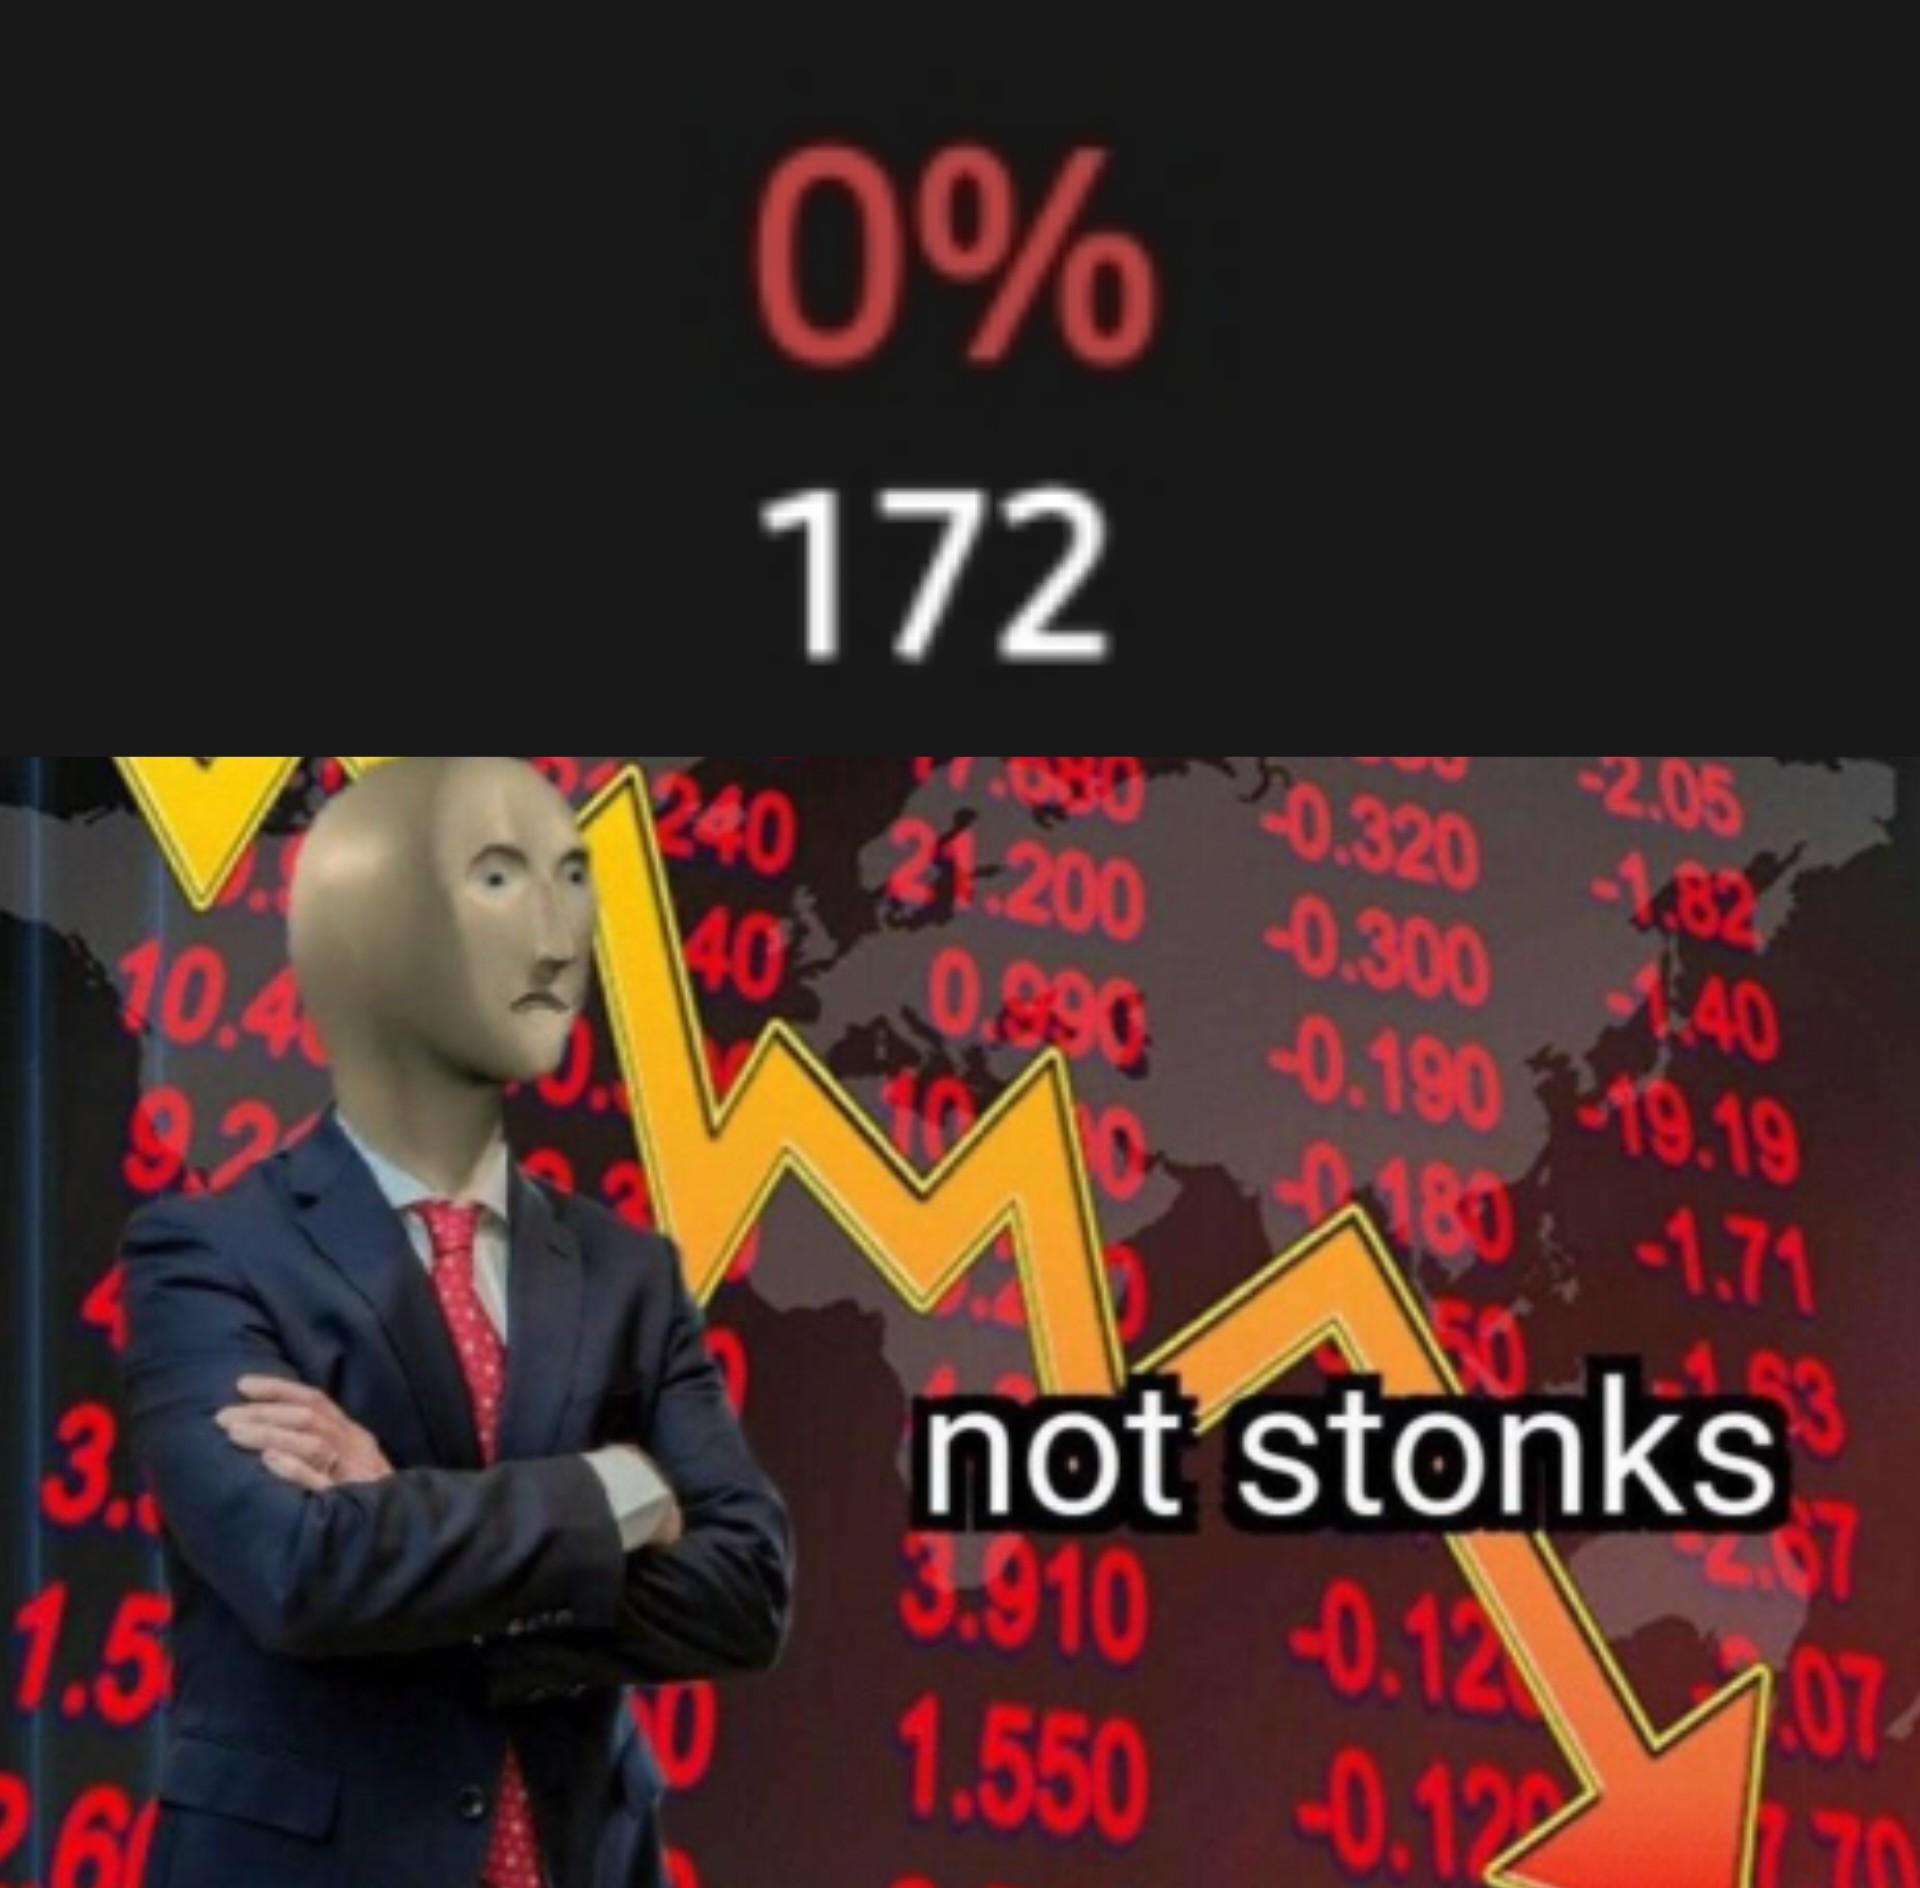 Por que no me aceptan los memes :(?